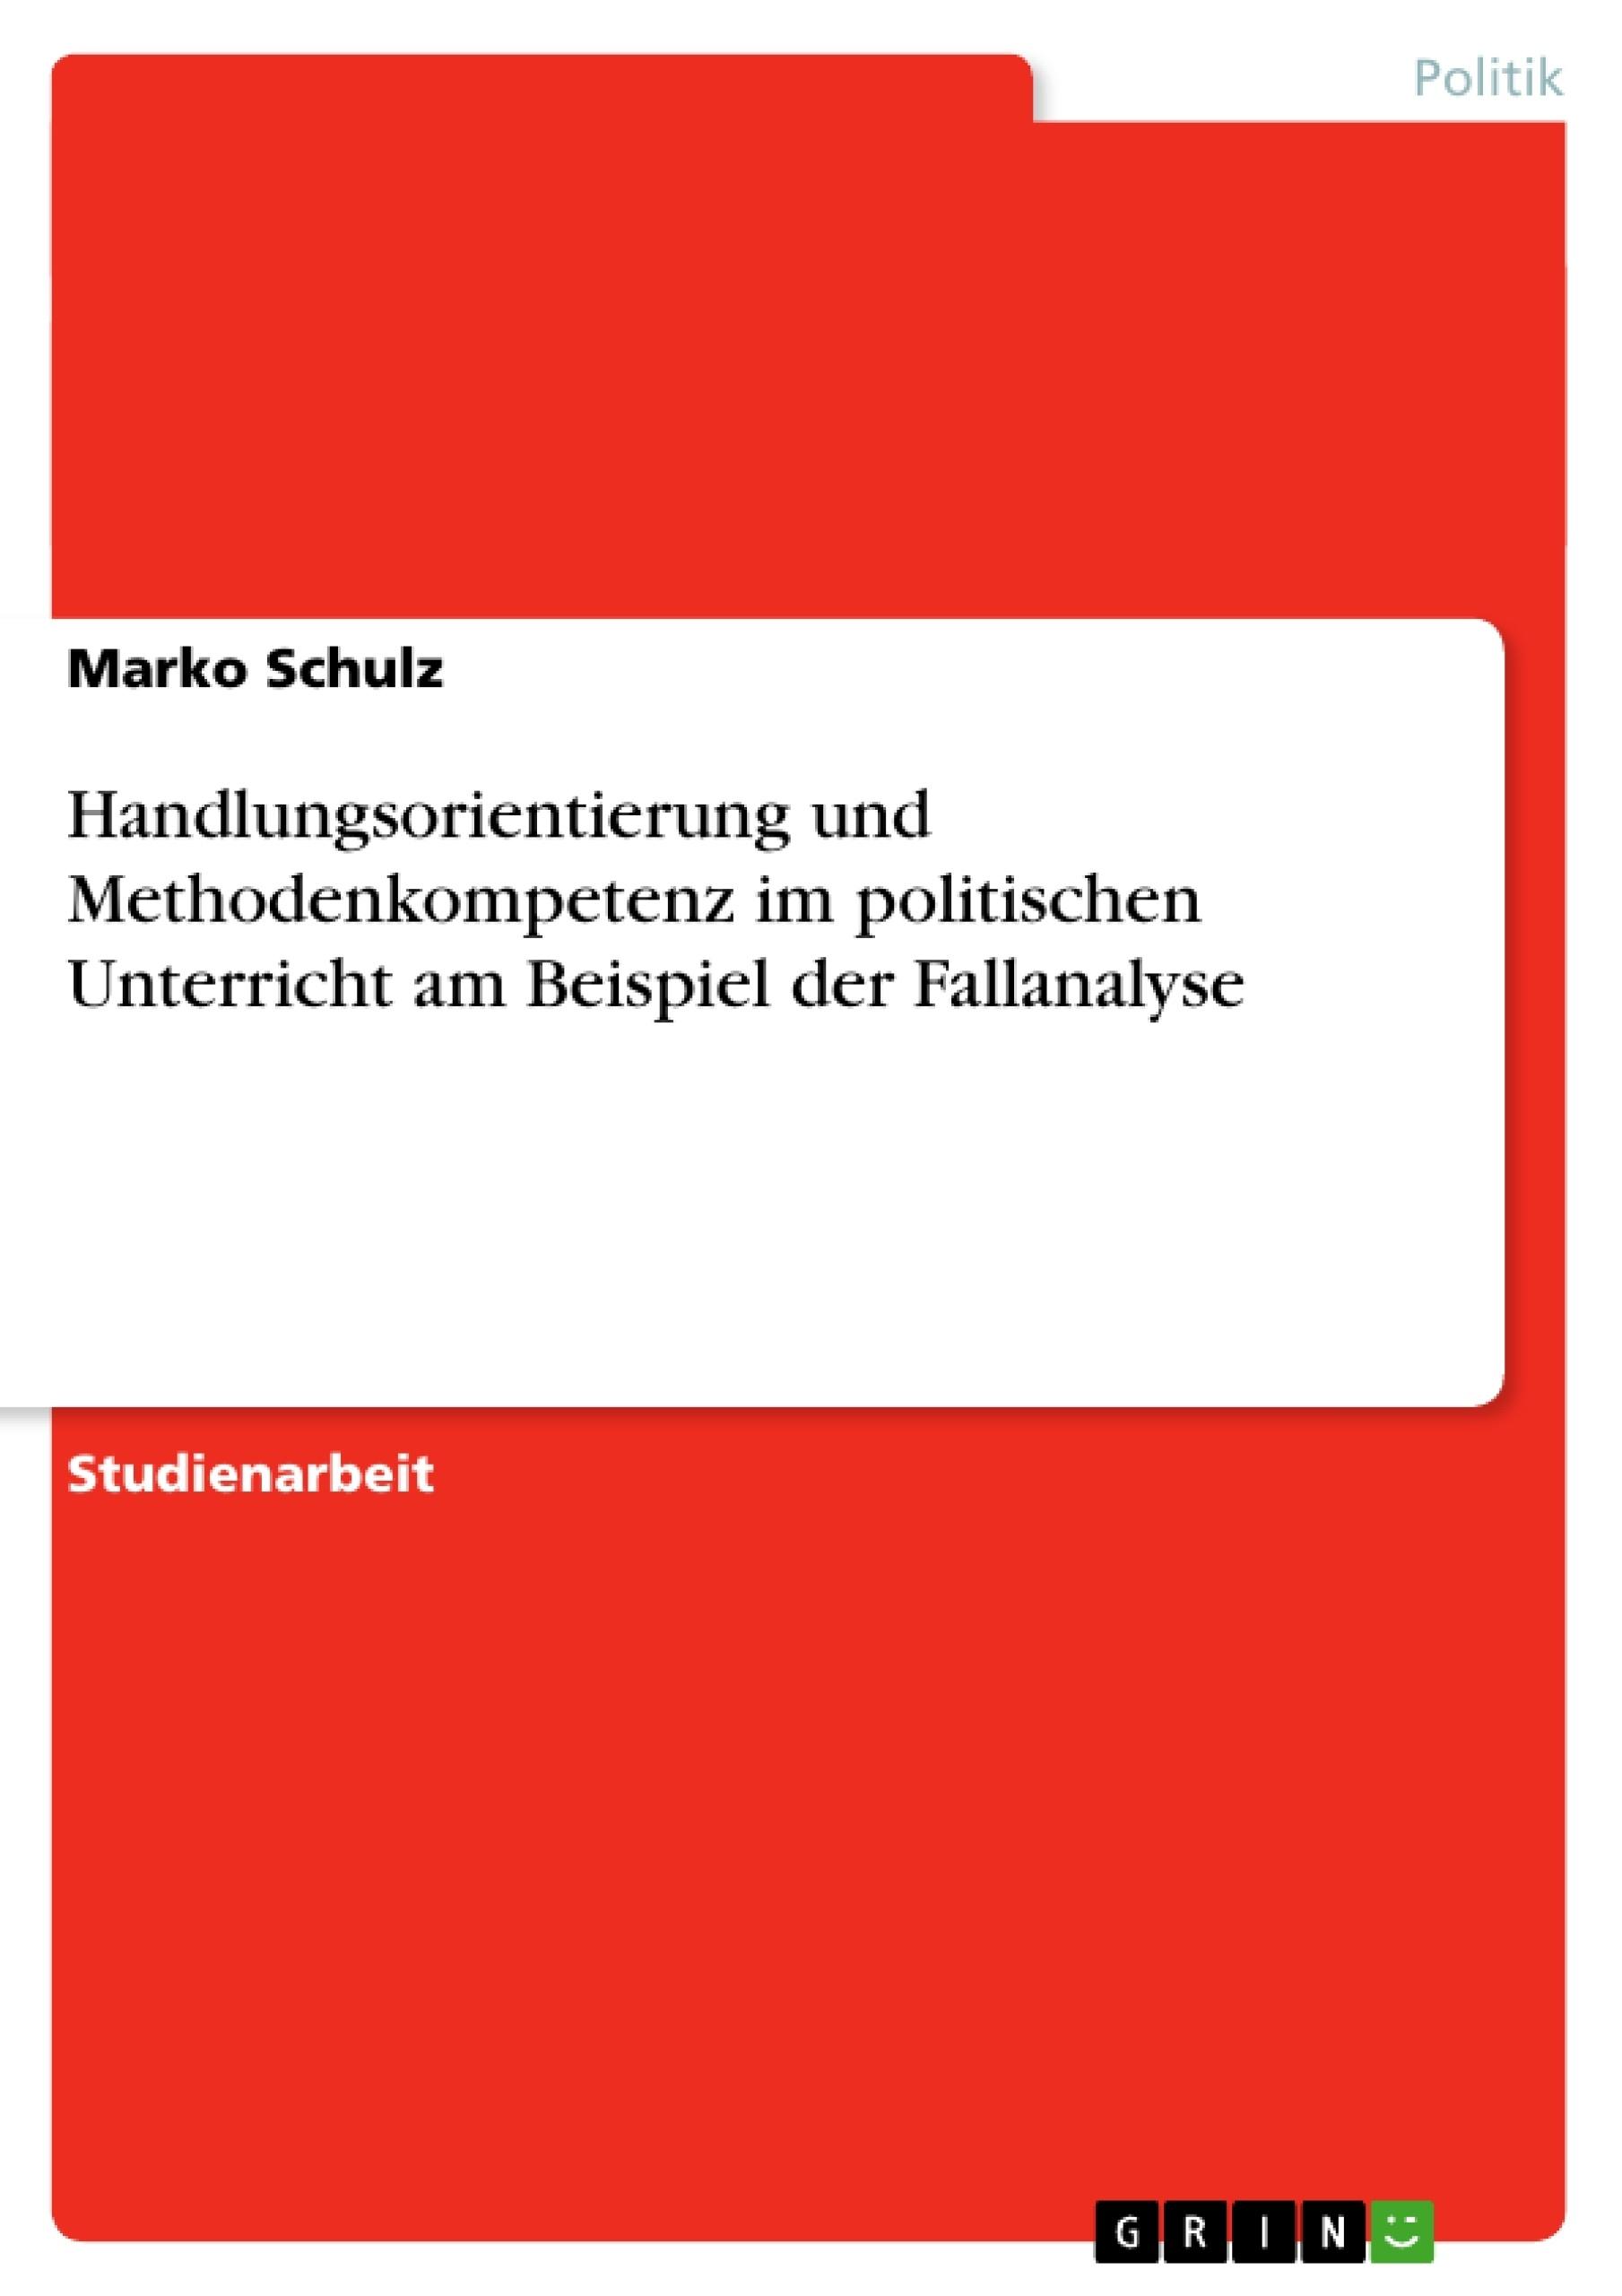 Titel: Handlungsorientierung und Methodenkompetenz im politischen Unterricht am Beispiel der Fallanalyse